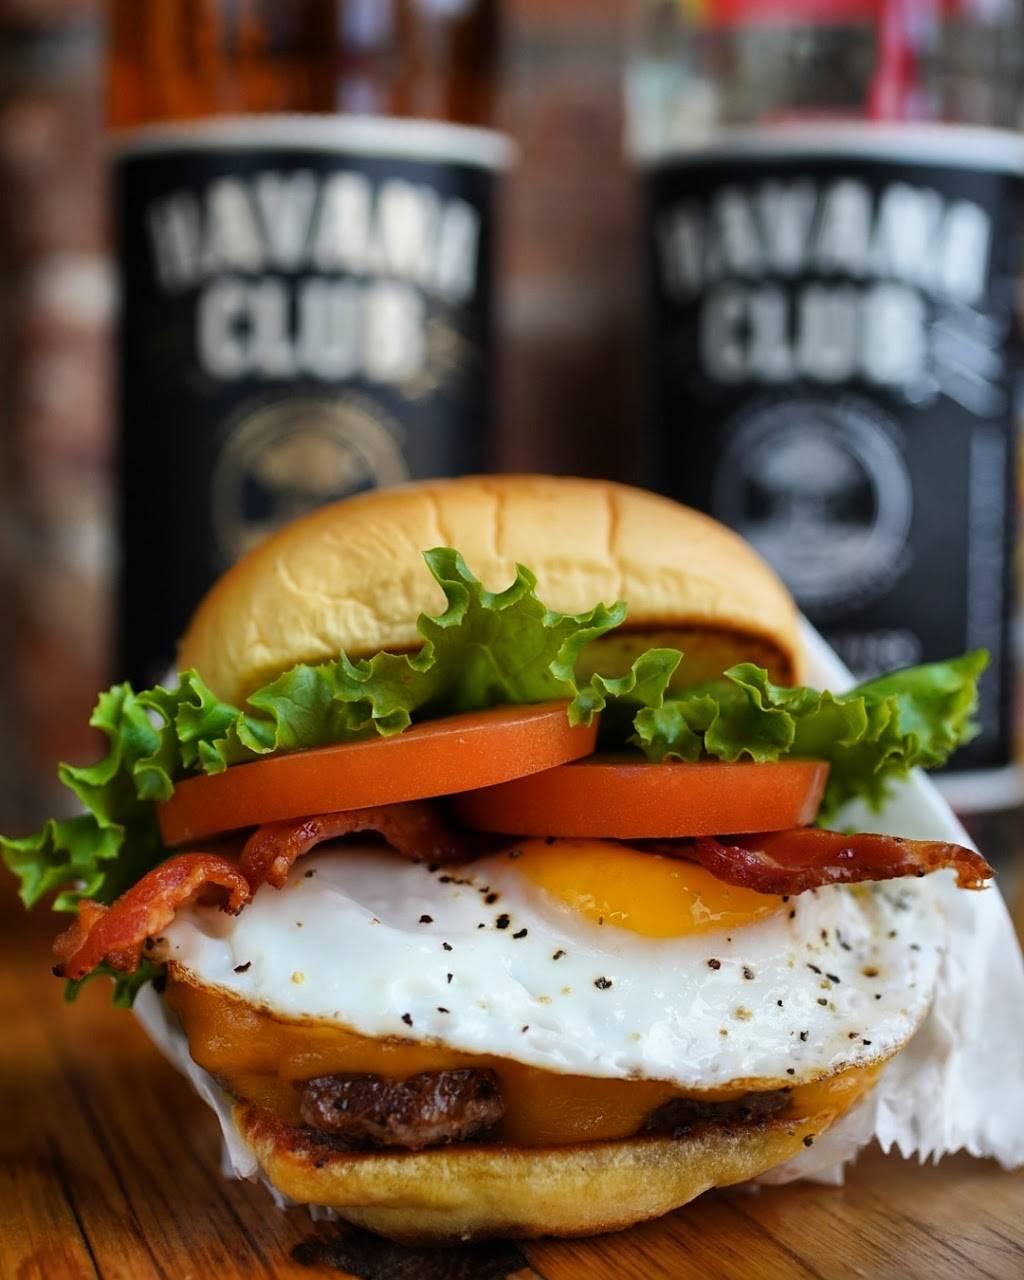 Milk Burger | restaurant | 148 Bruckner Blvd, Bronx, NY 10454, USA | 2123601988 OR +1 212-360-1988